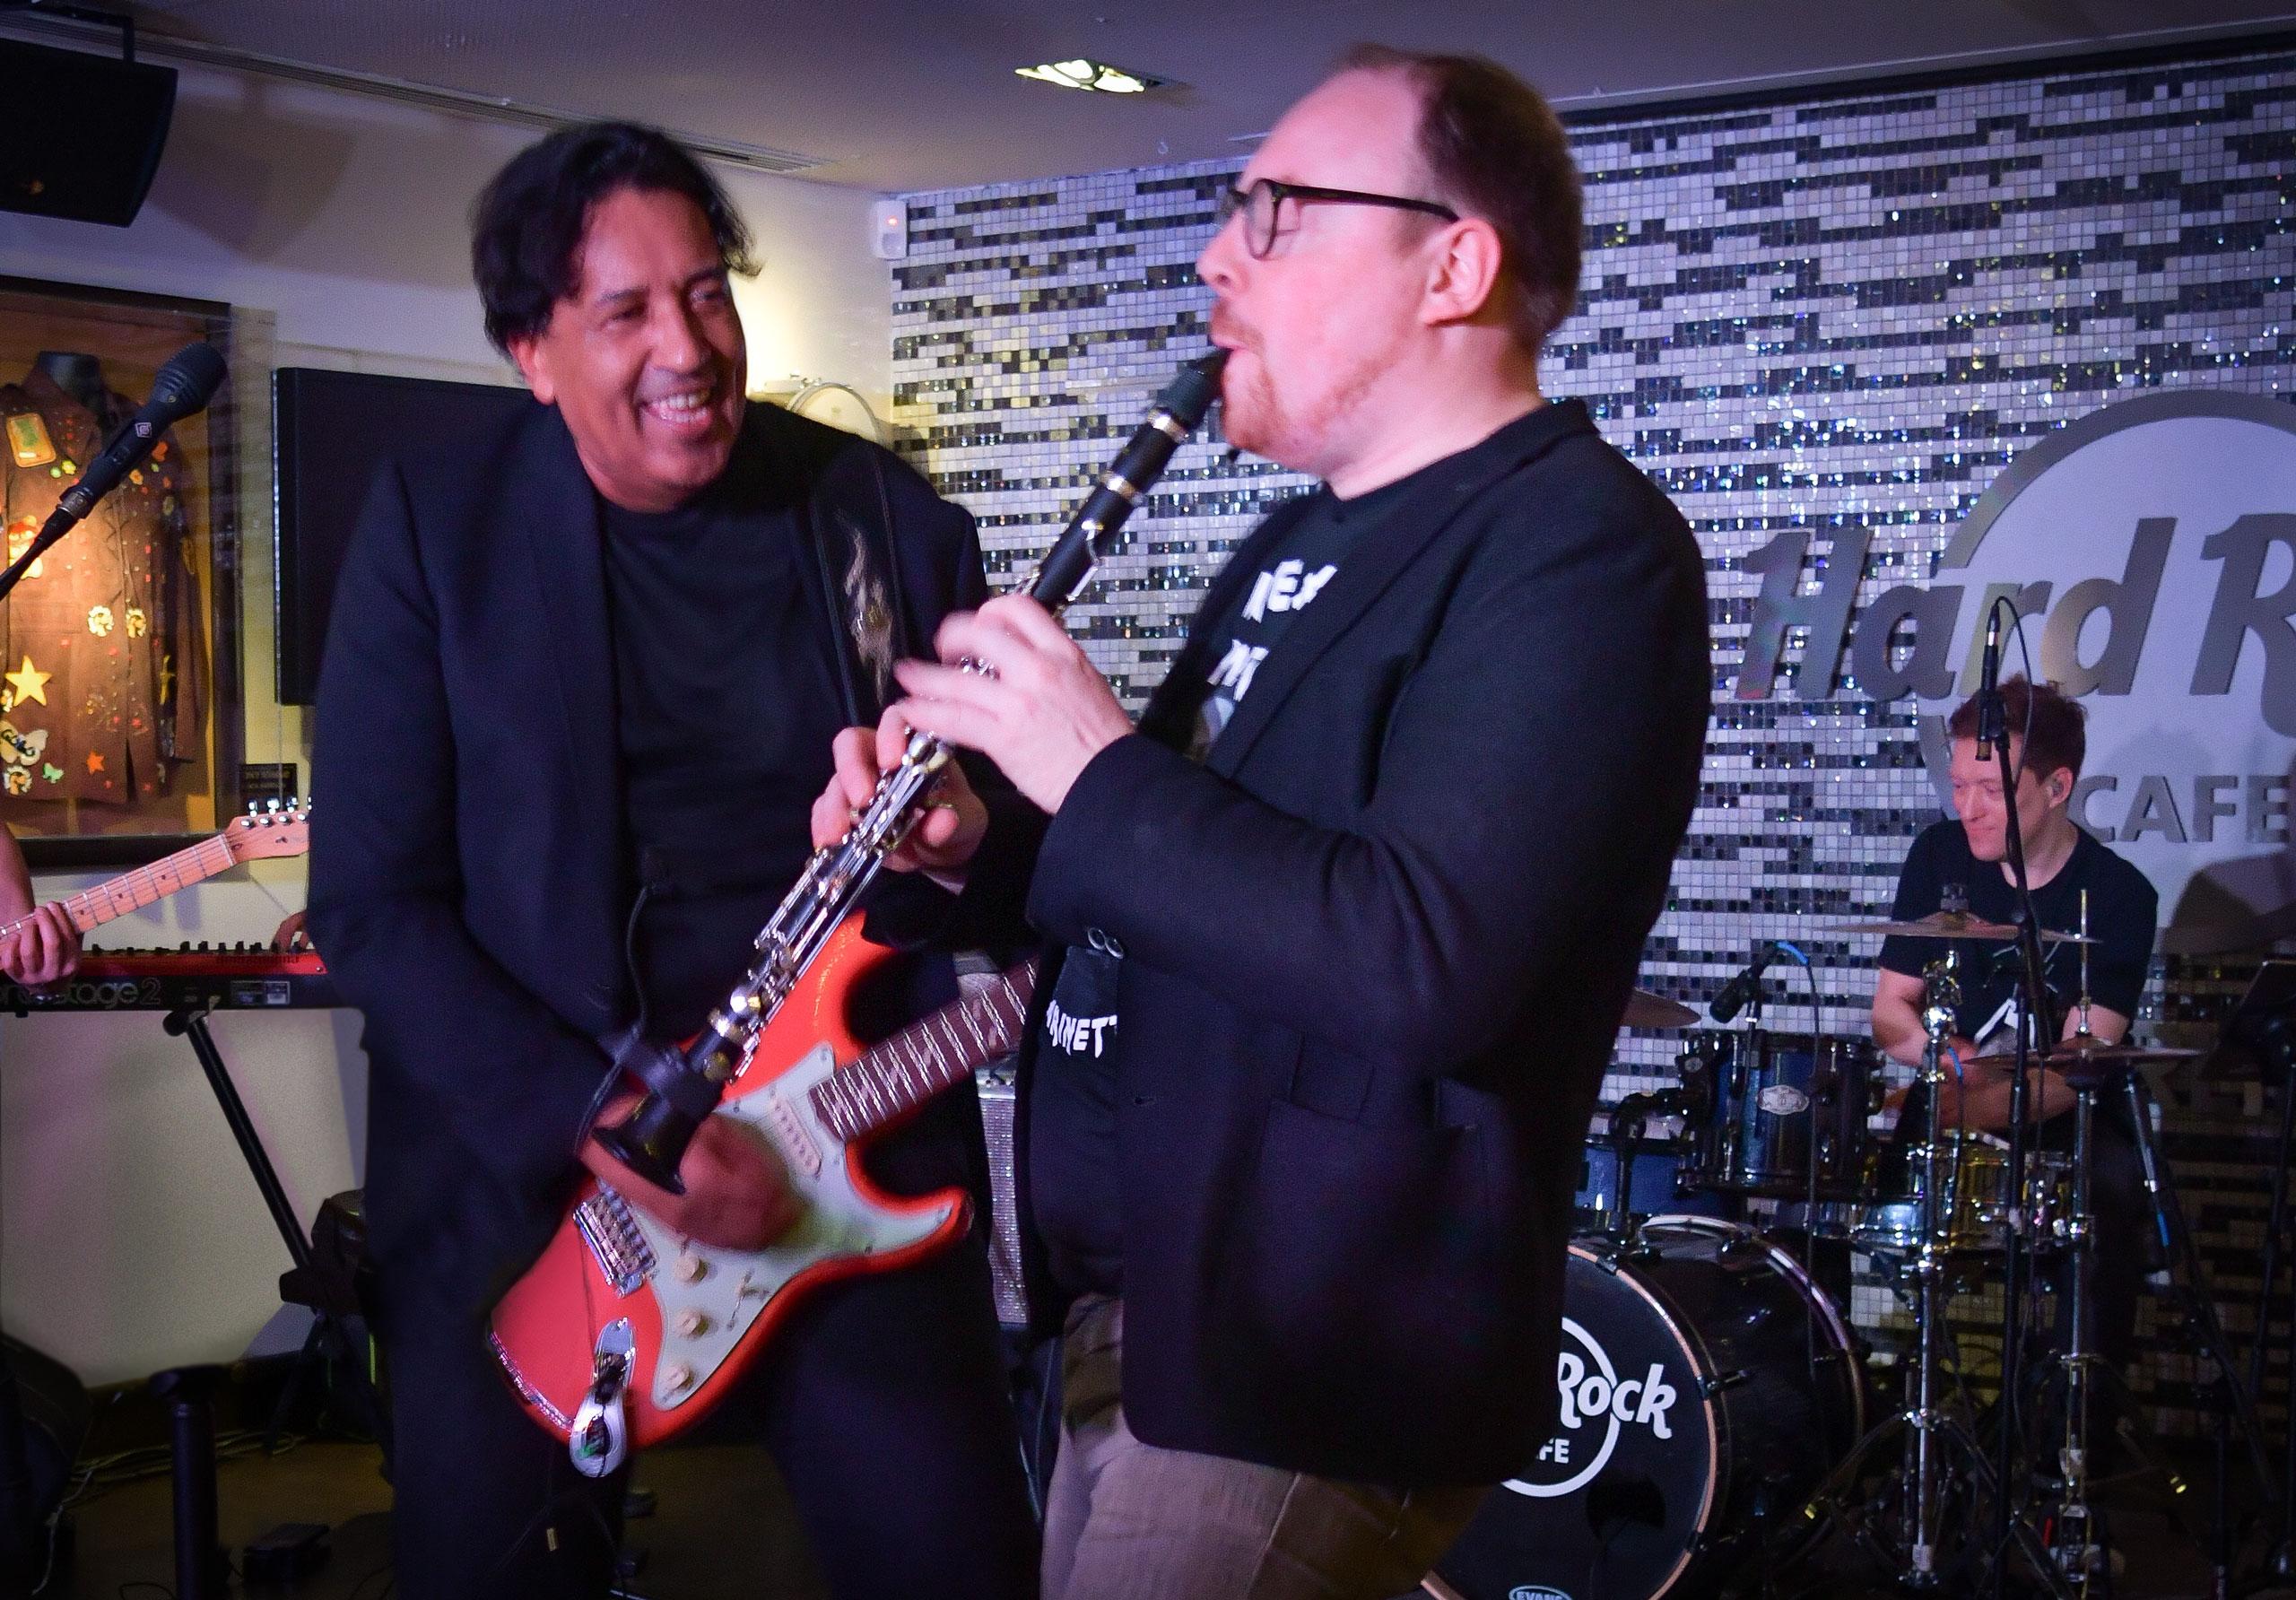 Cherno Jobatey, Clemens Trautmann & Groove Gangster GmbH Hard Rock Cafe Berlin